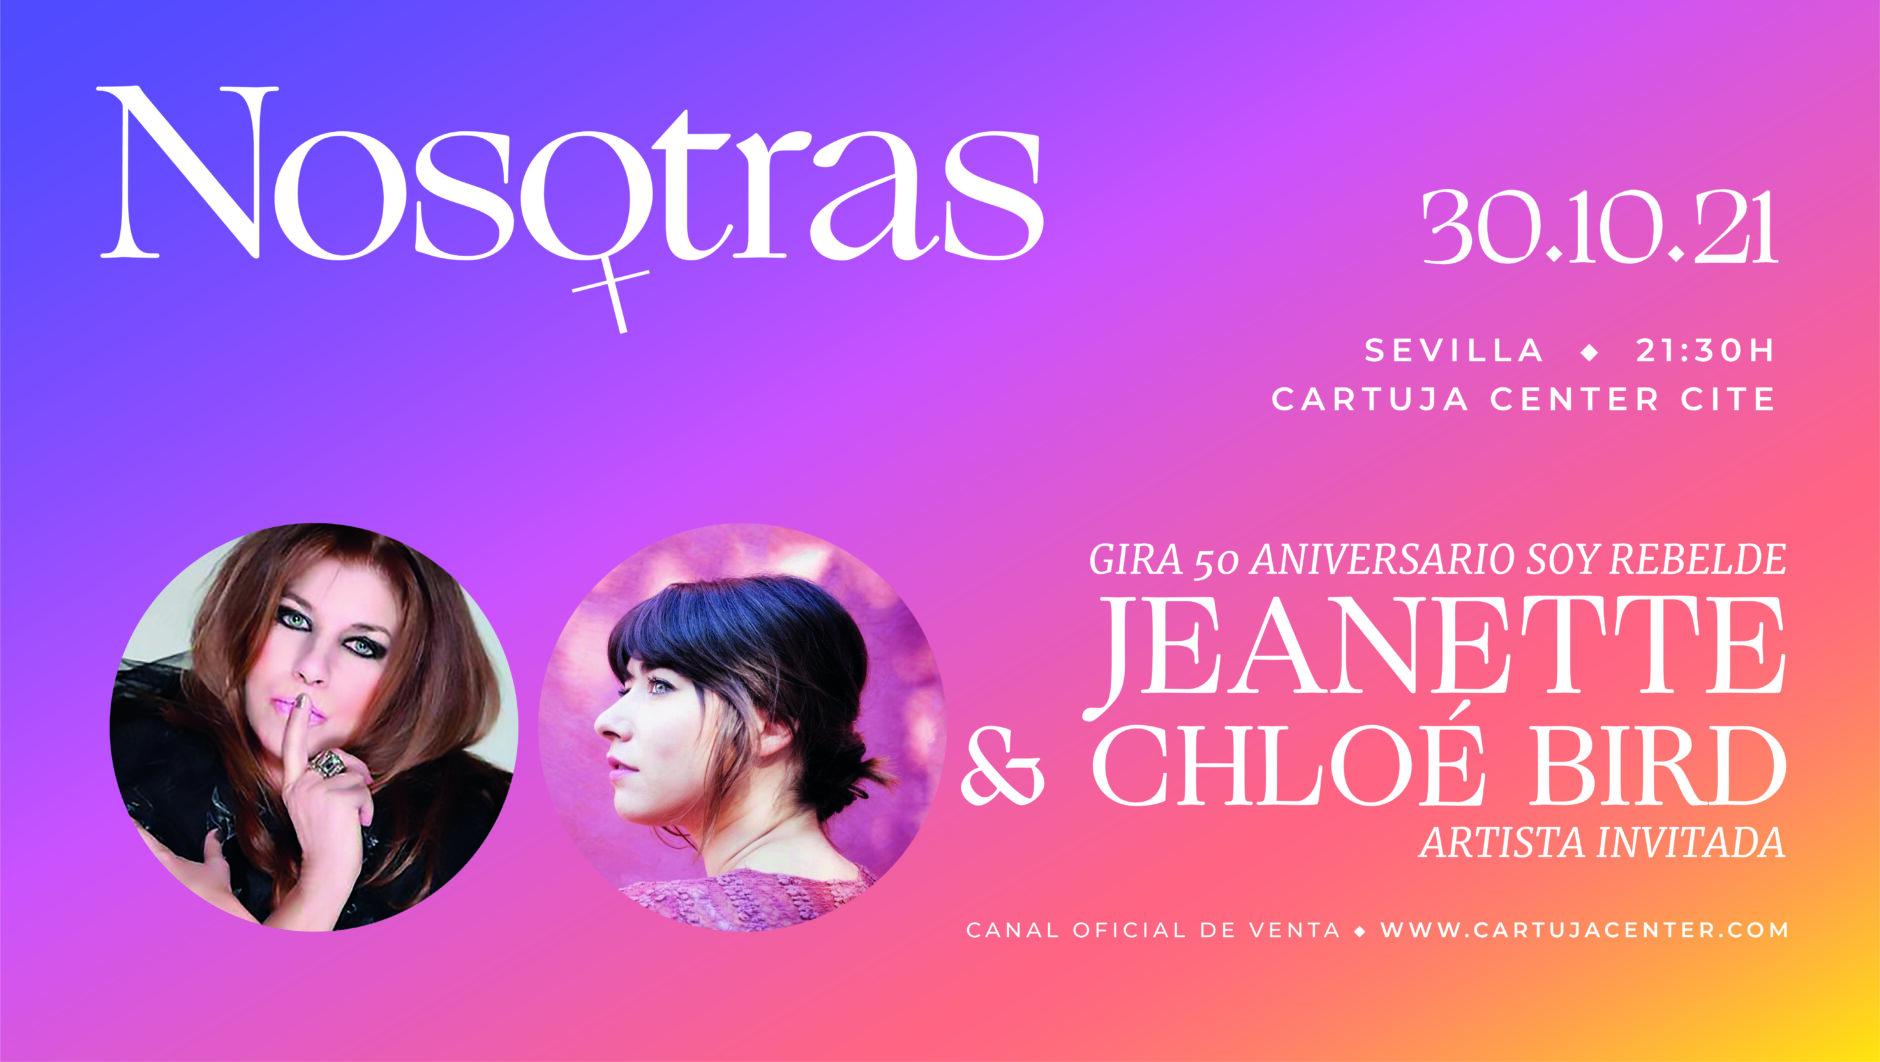 """NOSOTRAS; JEANETTE, GIRA 50 ANIVERSARIO, """"SOY REBELDE""""-artista invitada Chloé Bird 1"""